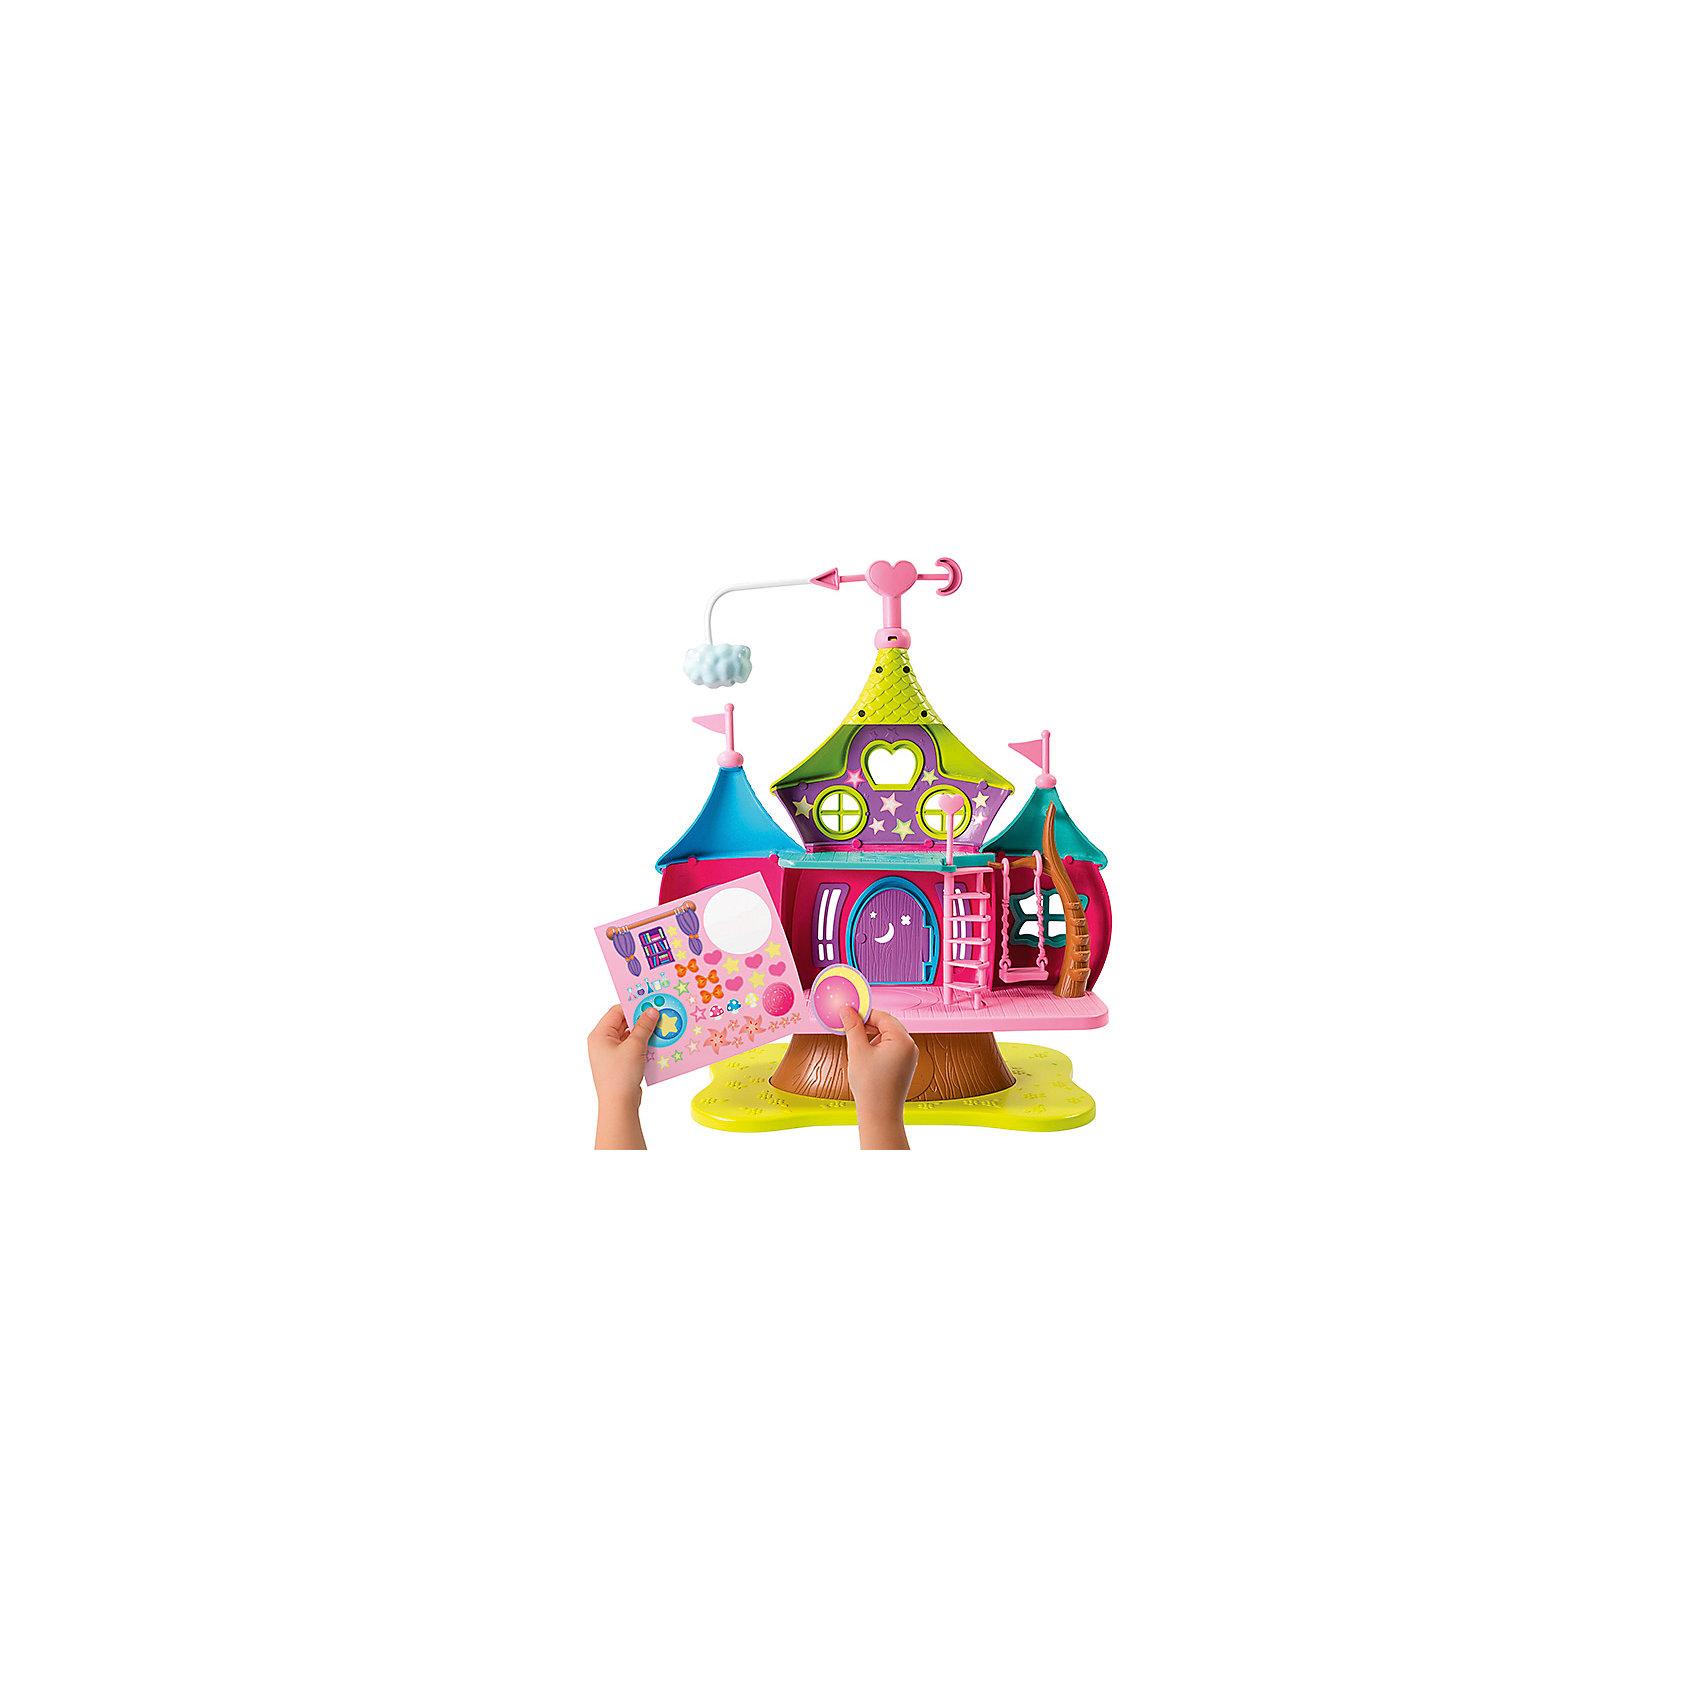 Дом волшебниц с фигуркой Хэйзл, м/ф Маленькие волшебницы, Spin MasterНовинка от всемирно известного производителя Spin Master - игрушка по мотивам мультфильма Маленькие волшебницы. Очаровательный кукольный домик выглядит ярко и очень эффектно. У него два этажа, есть лестница и подвесные качели. Также имеется котел, в котором варится волшебное зелье. В комплект также входит небольшая фигурка одной из главных героинь мультфильма - Хэйзл  (размер около 8 см, руки и ноги подвижны). Кроме того, в набор включен лист с наклейками, ими можно декорировать дом по своему усмотрению.<br><br>Ширина мм: 490<br>Глубина мм: 380<br>Высота мм: 130<br>Вес г: 1775<br>Возраст от месяцев: 36<br>Возраст до месяцев: 120<br>Пол: Женский<br>Возраст: Детский<br>SKU: 4967269